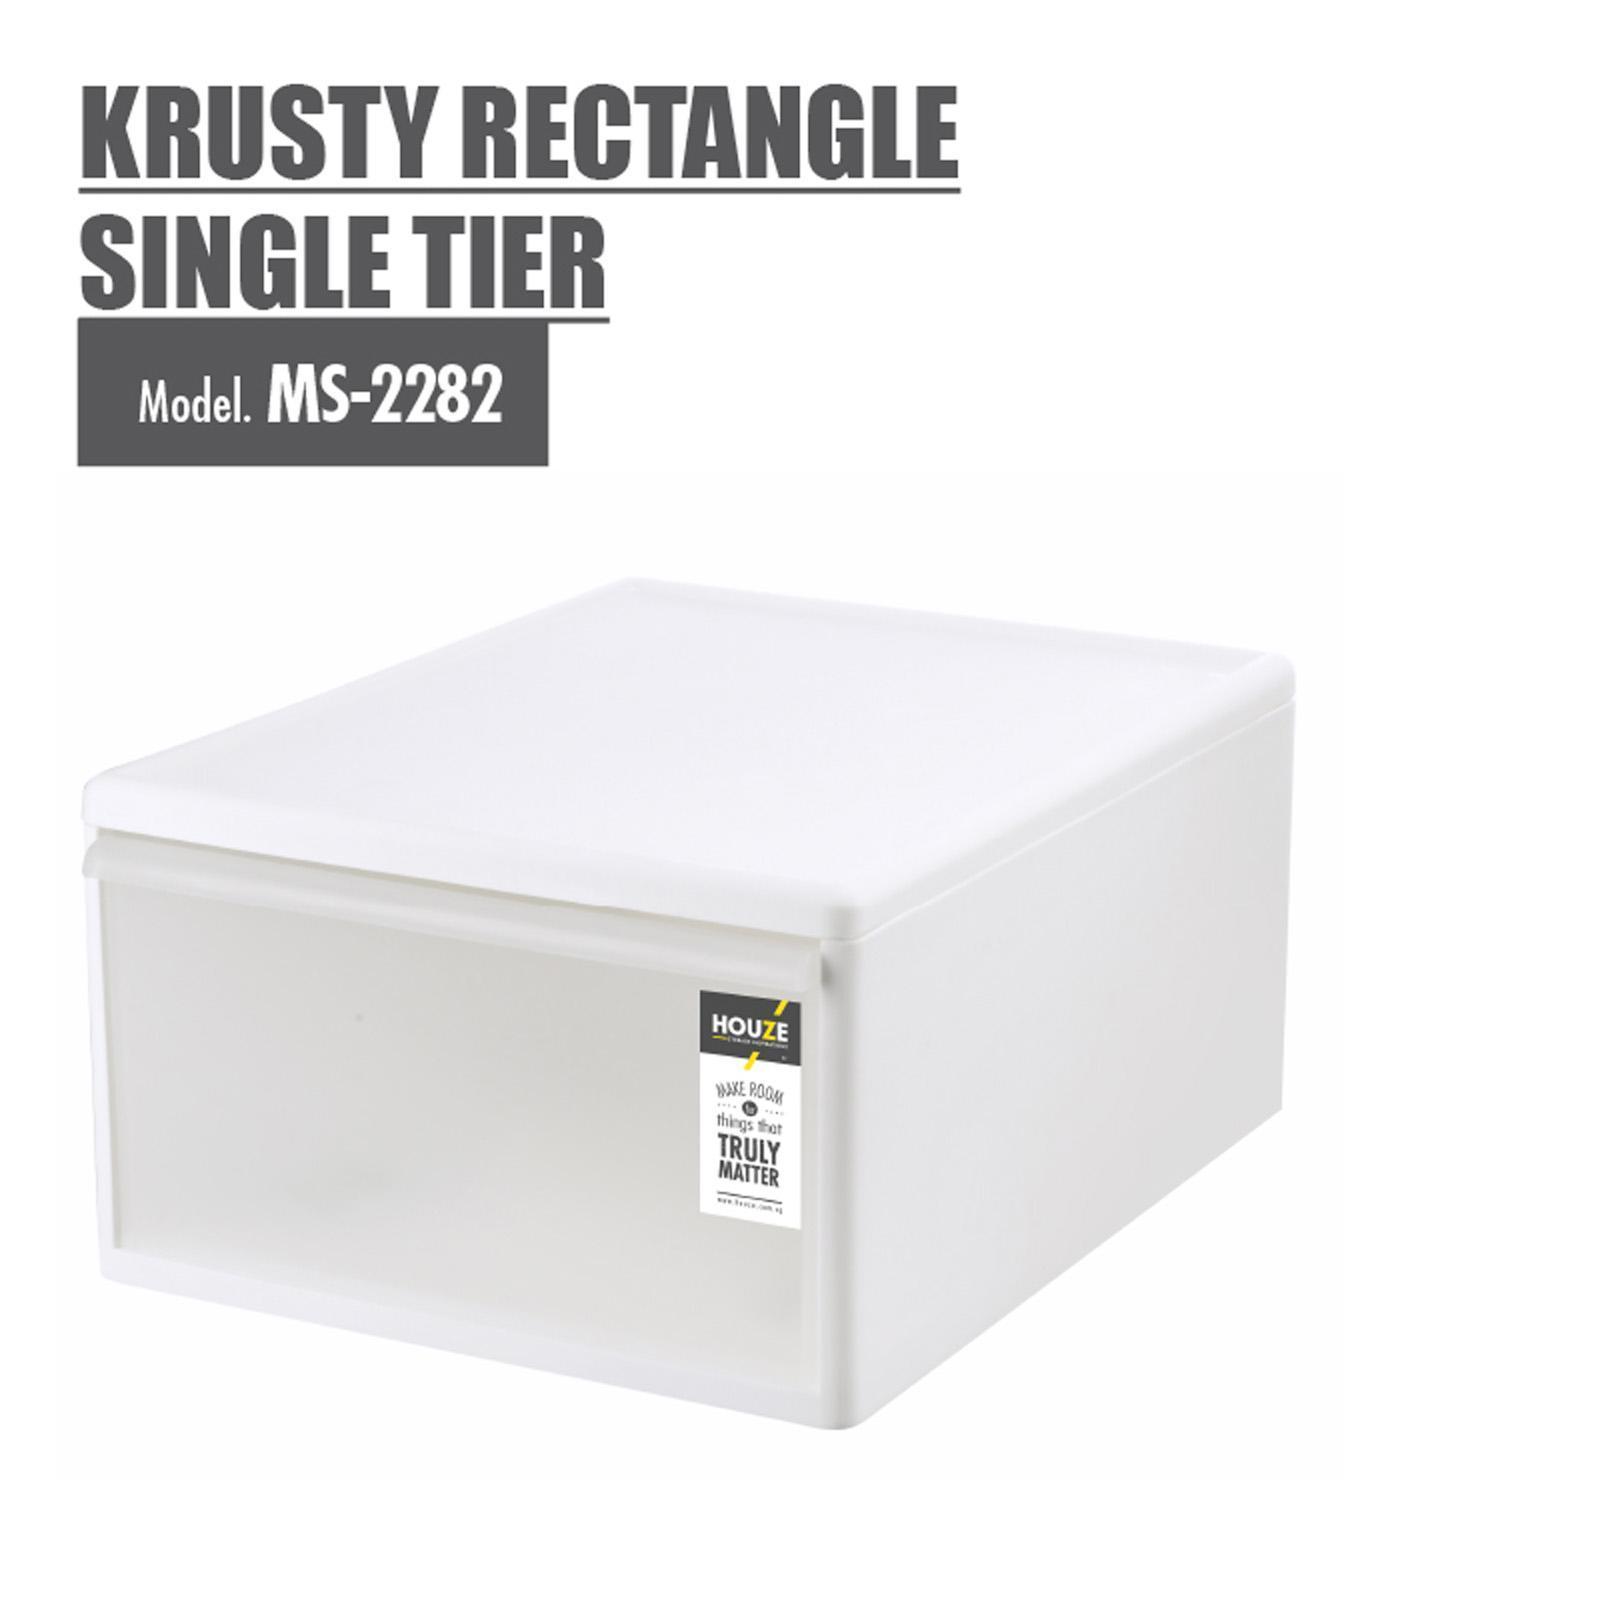 Houze 33L Krusty Rectangle Single Tier - Clear - MS-2282-CLEAR